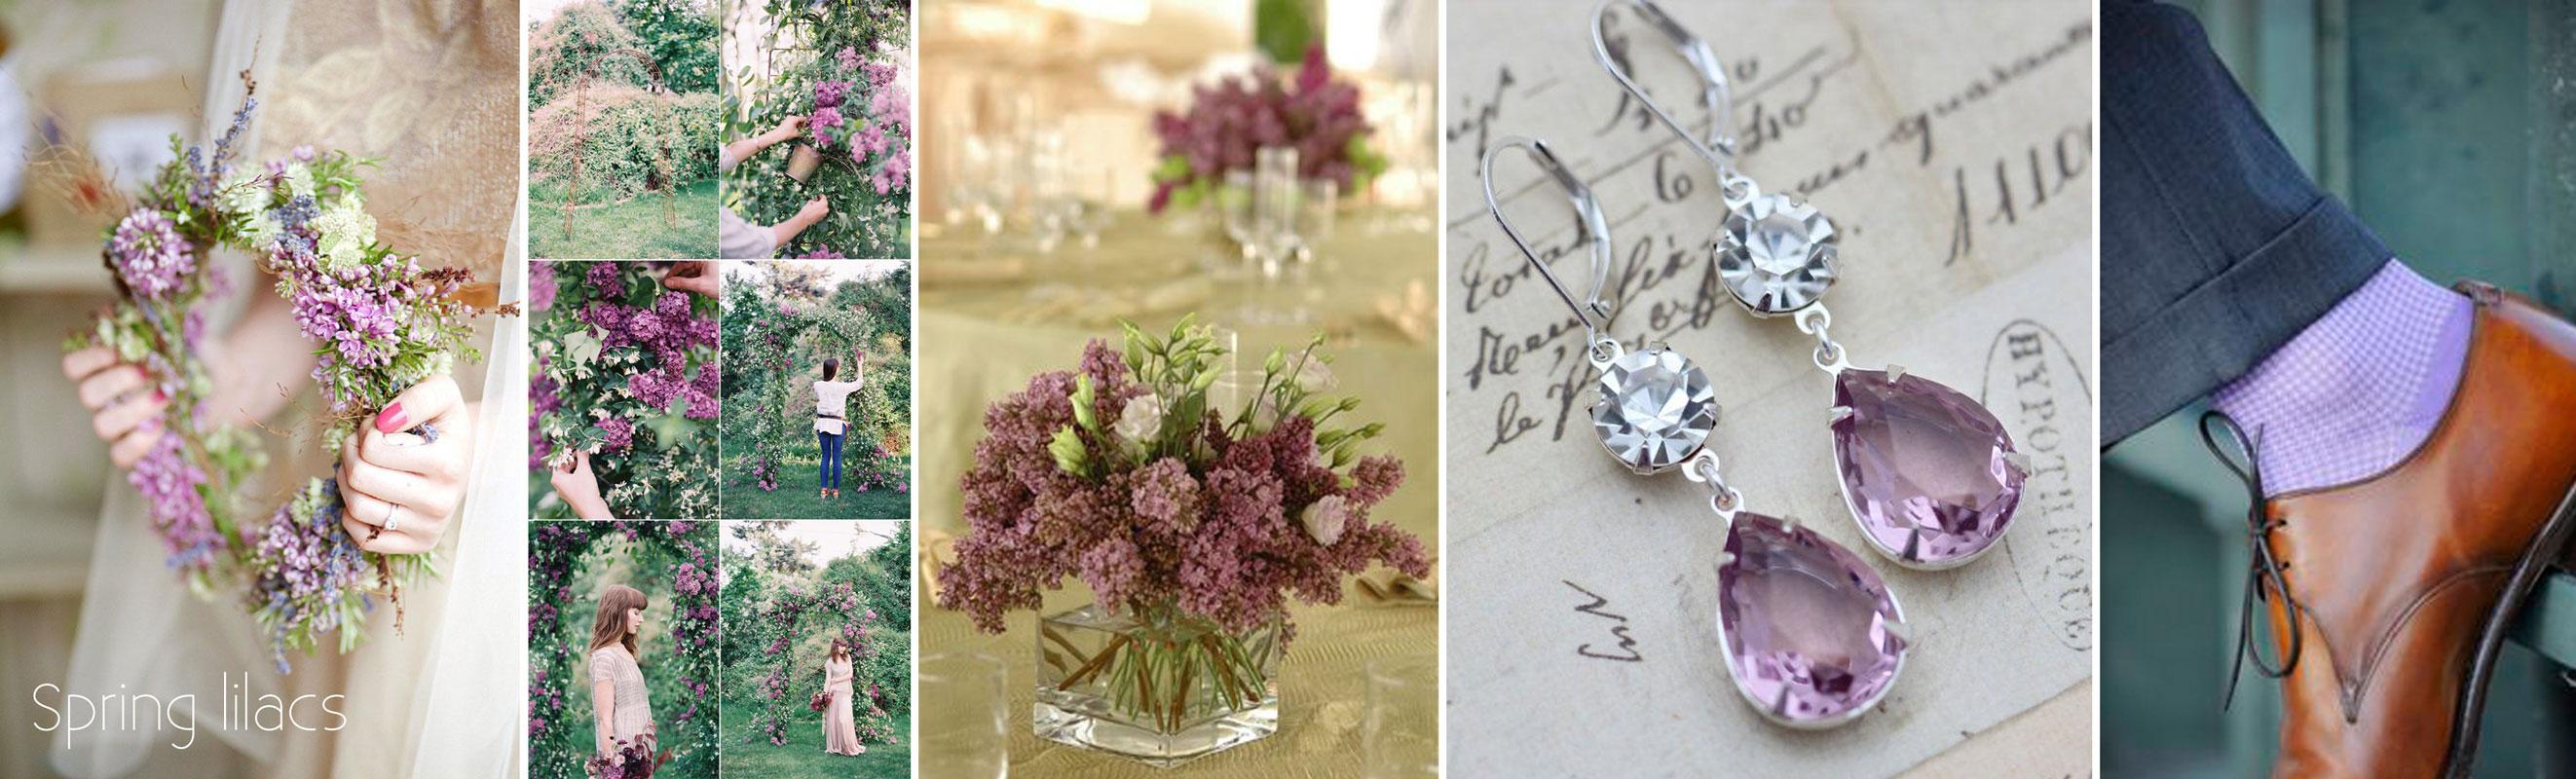 dekoracje ślubne z bzu - wedding planner